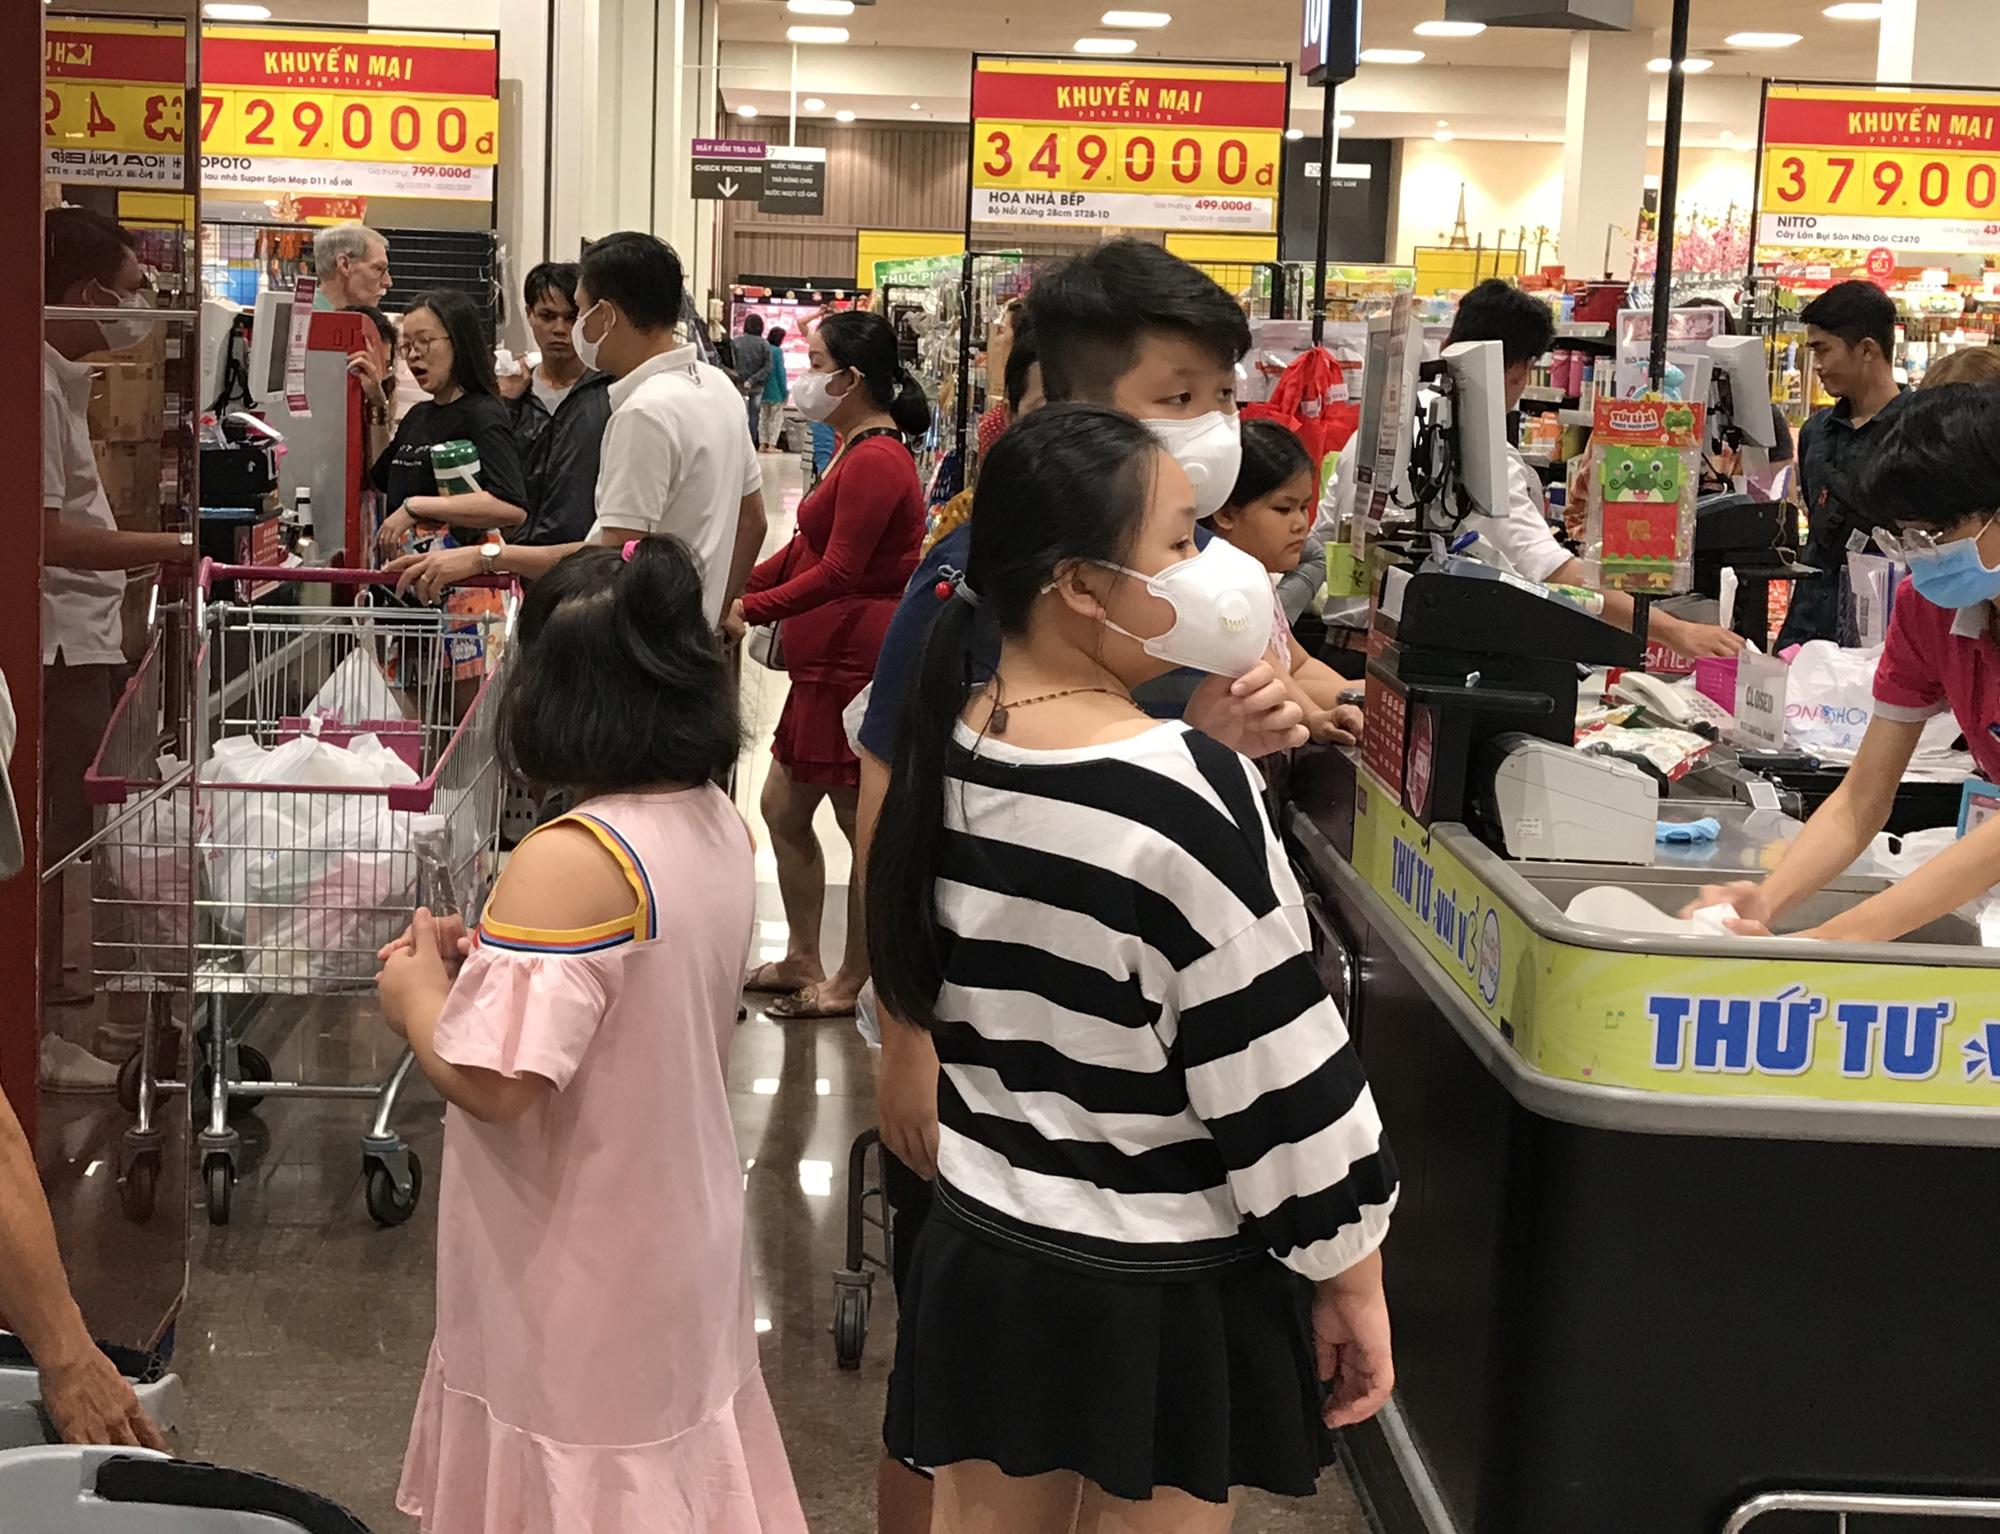 Sợ virus corona, bịt khẩu trang kín mít đi siêu thị mùng 4 Tết - Ảnh 5.